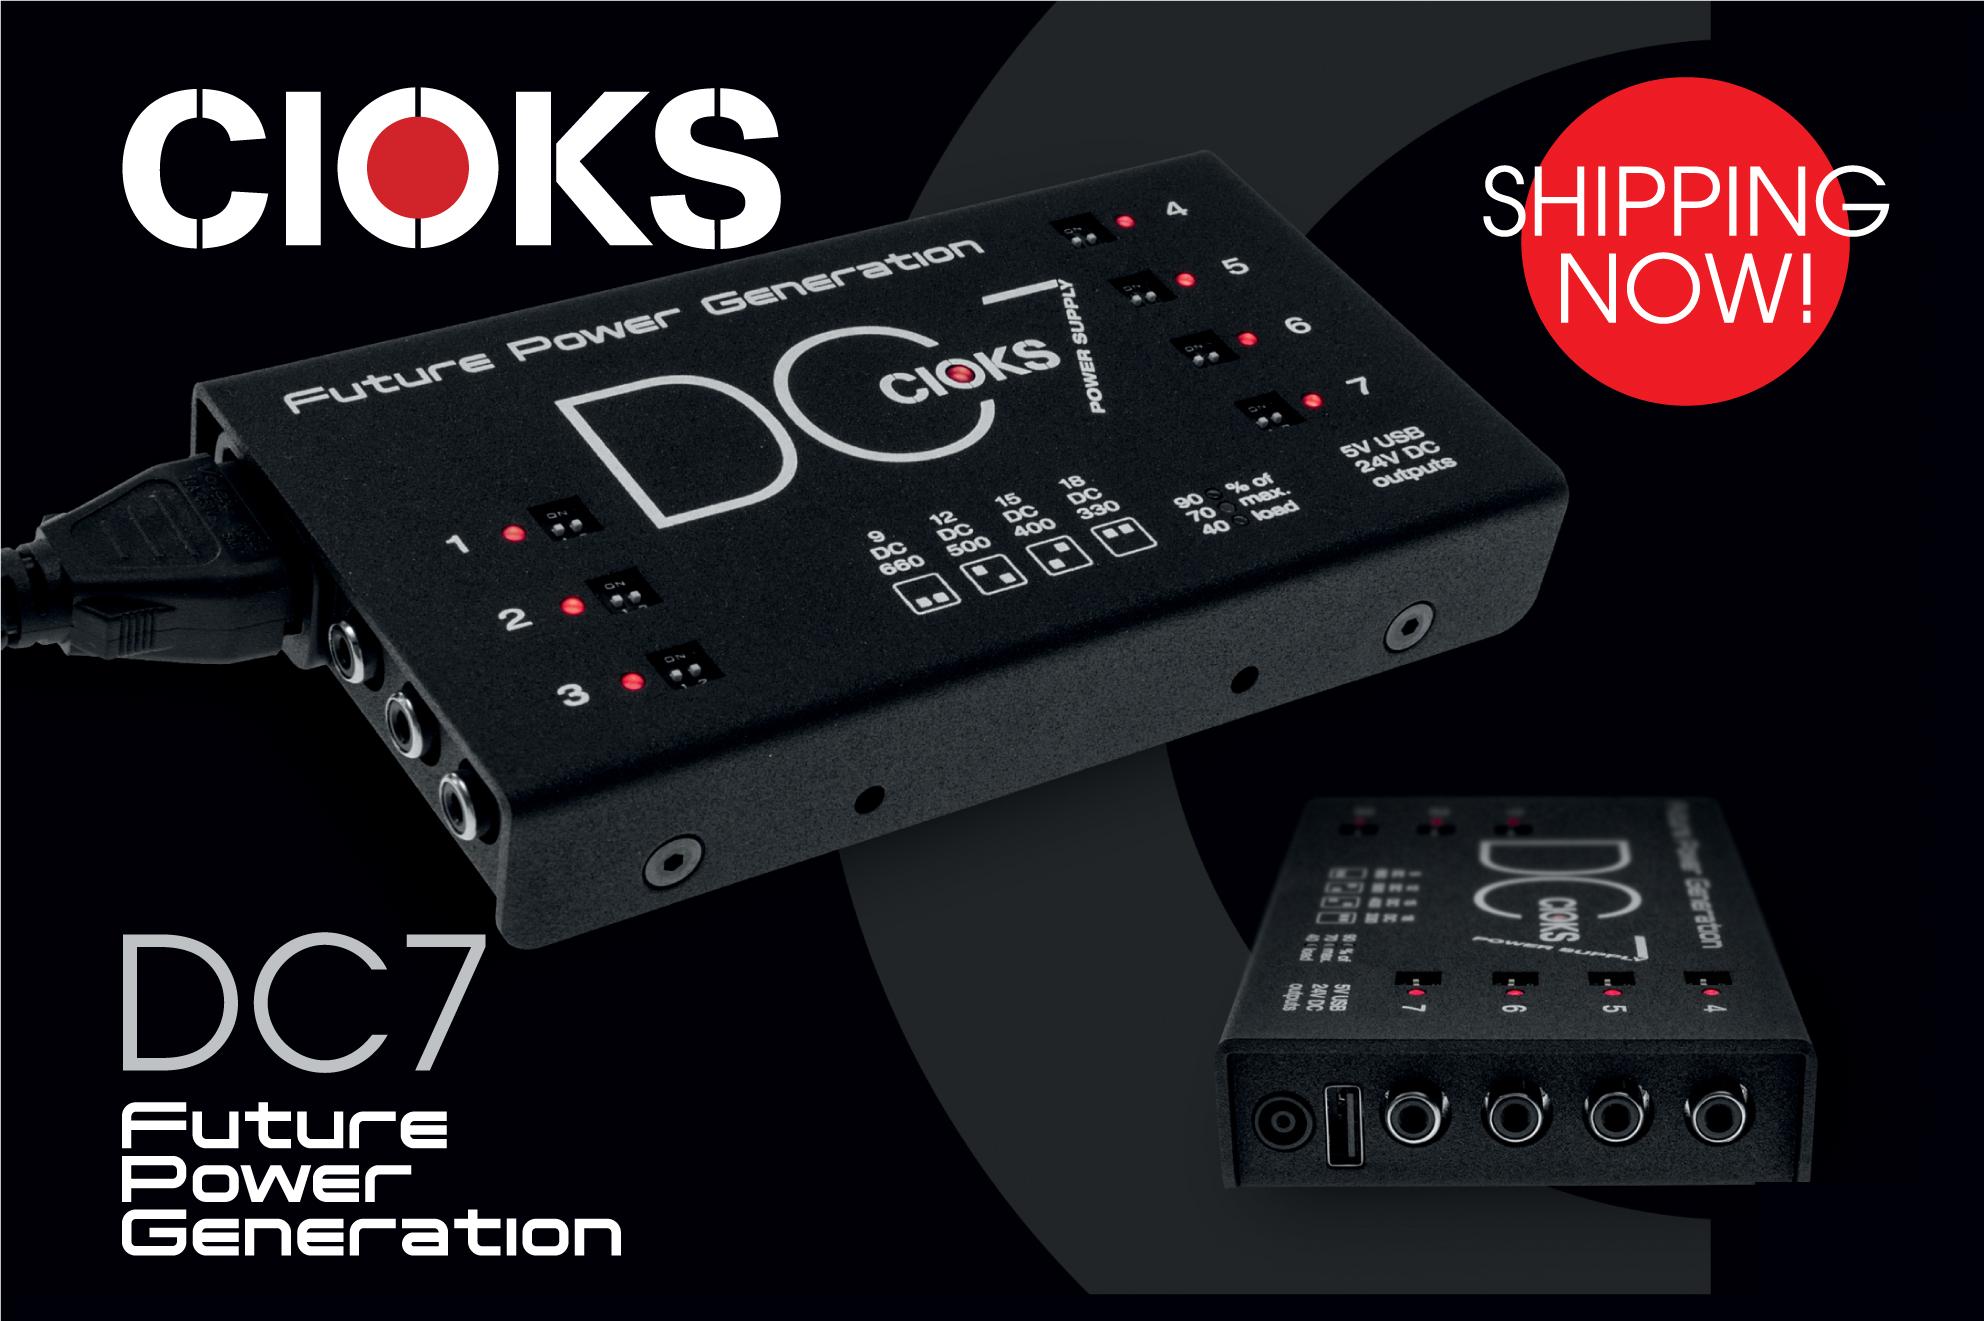 CIOKS-DC7